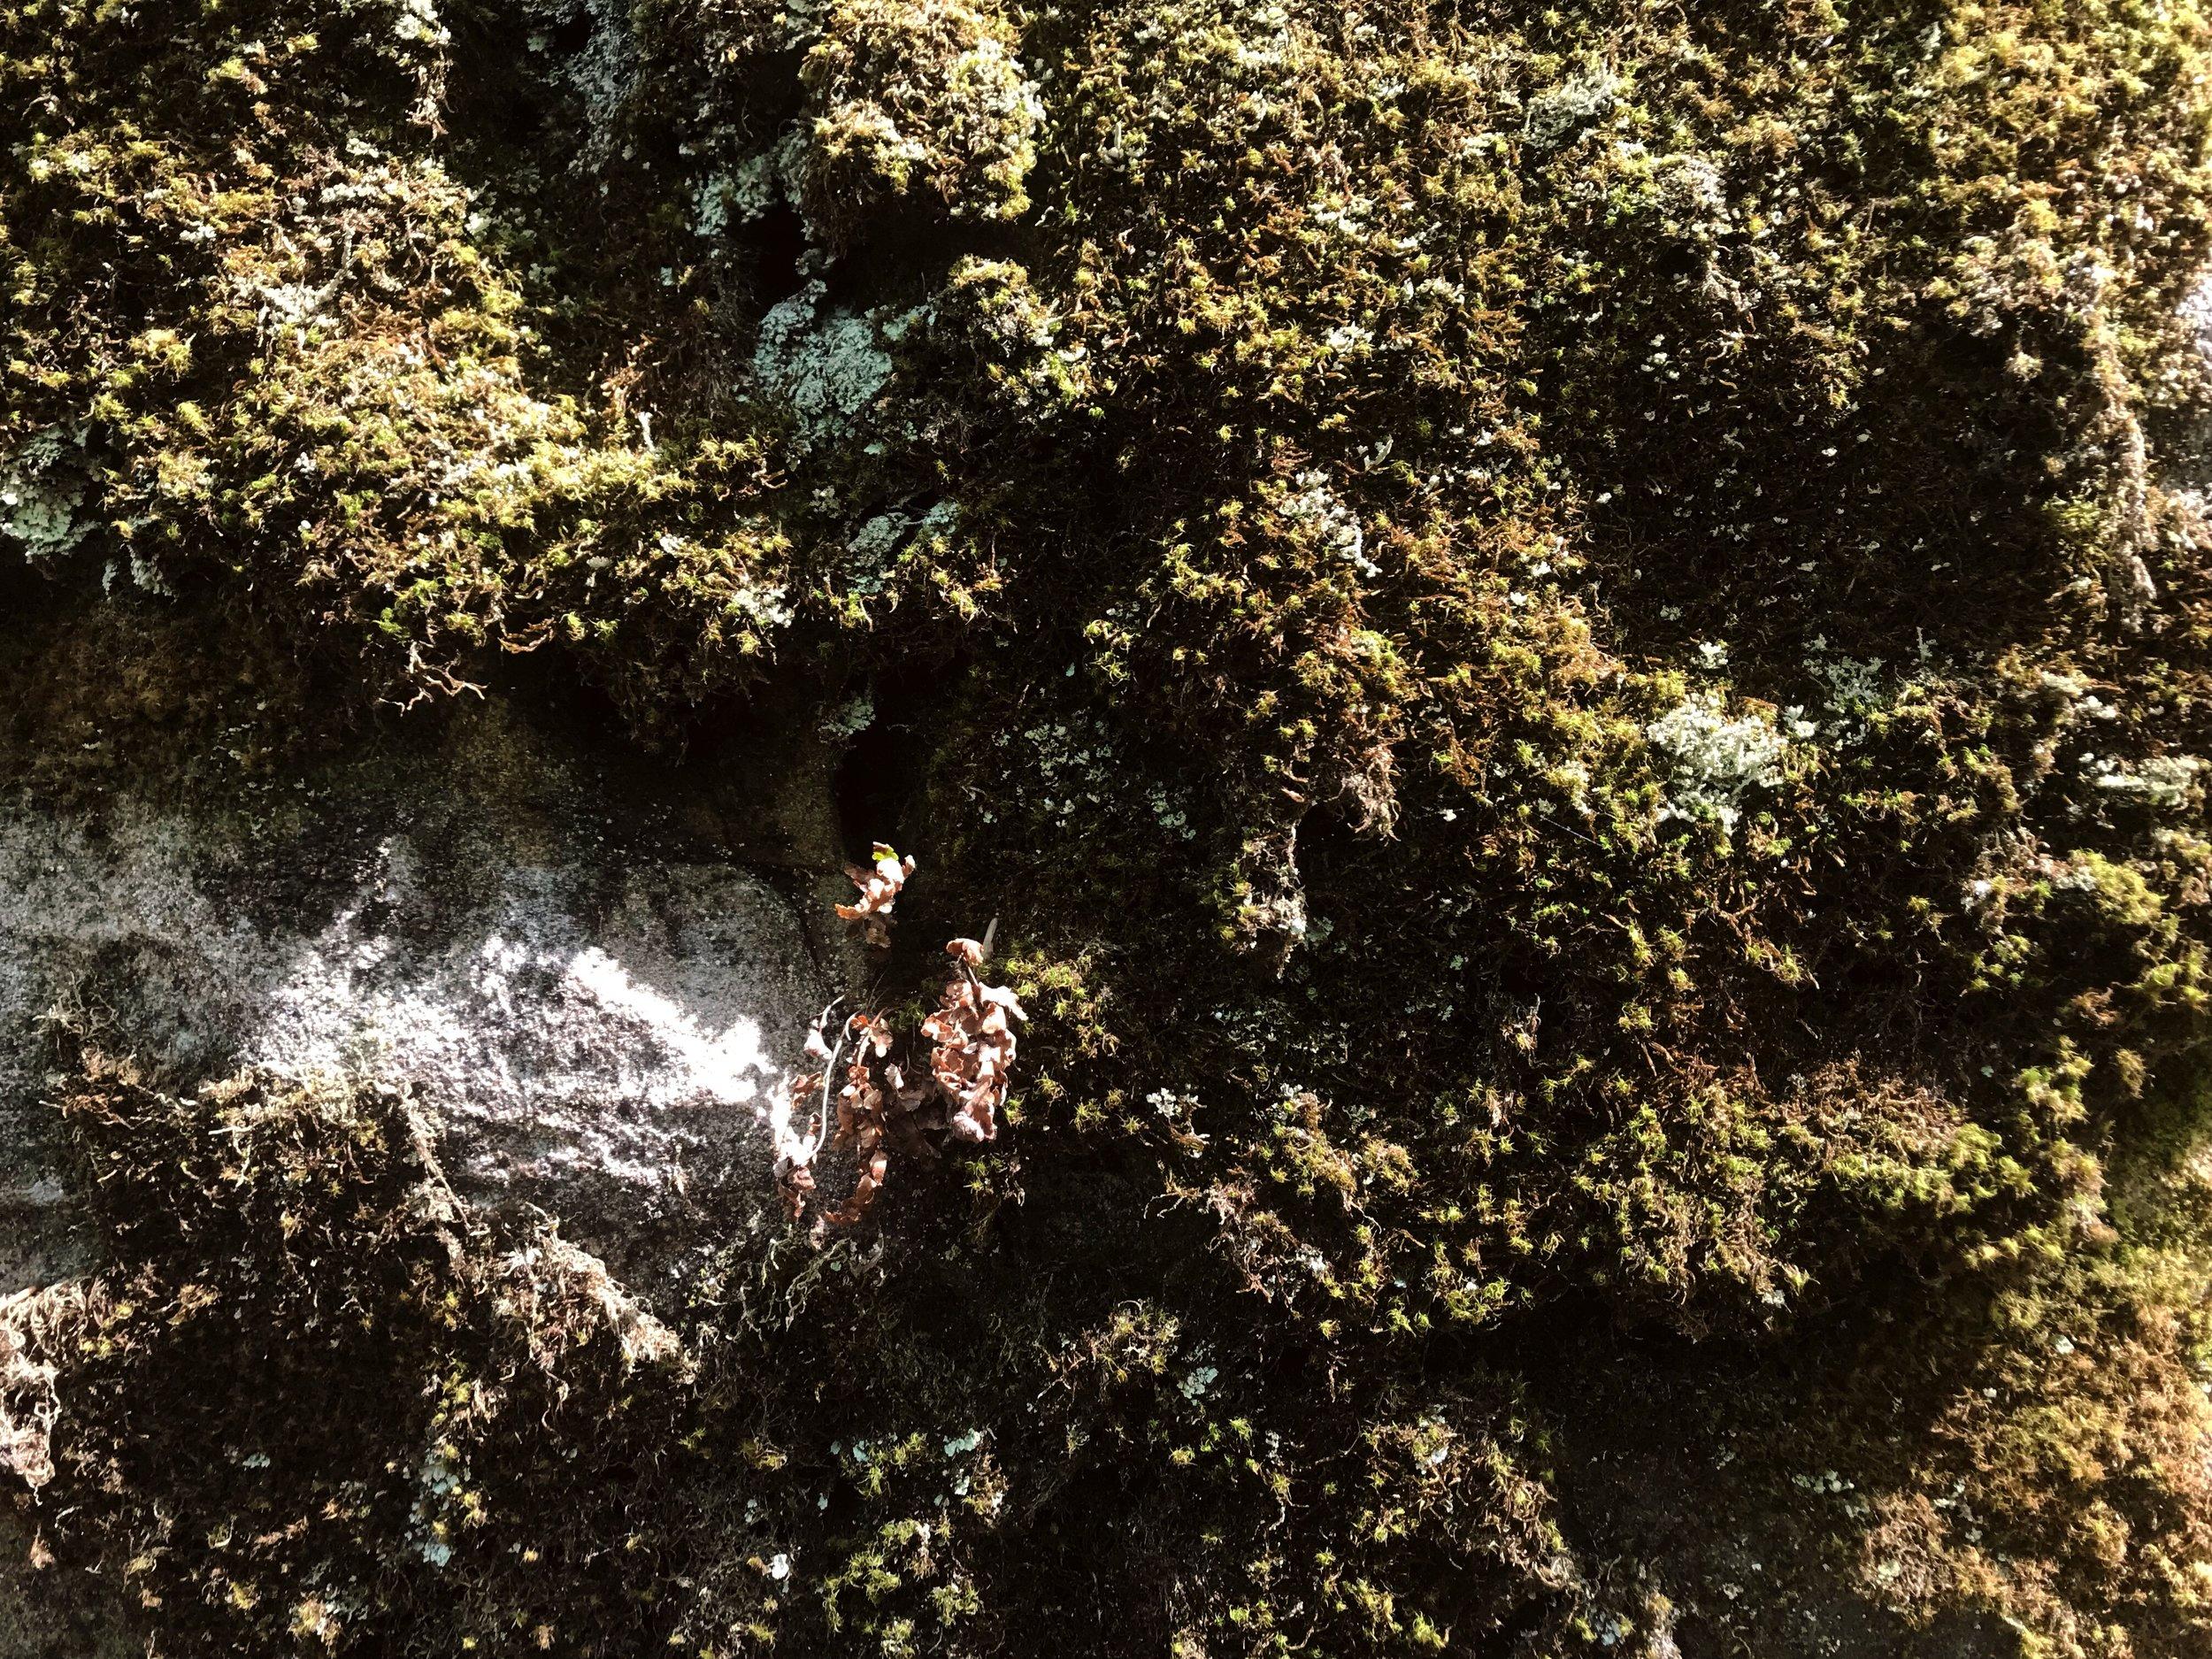 fern-clyffe-waterfall-12.JPG